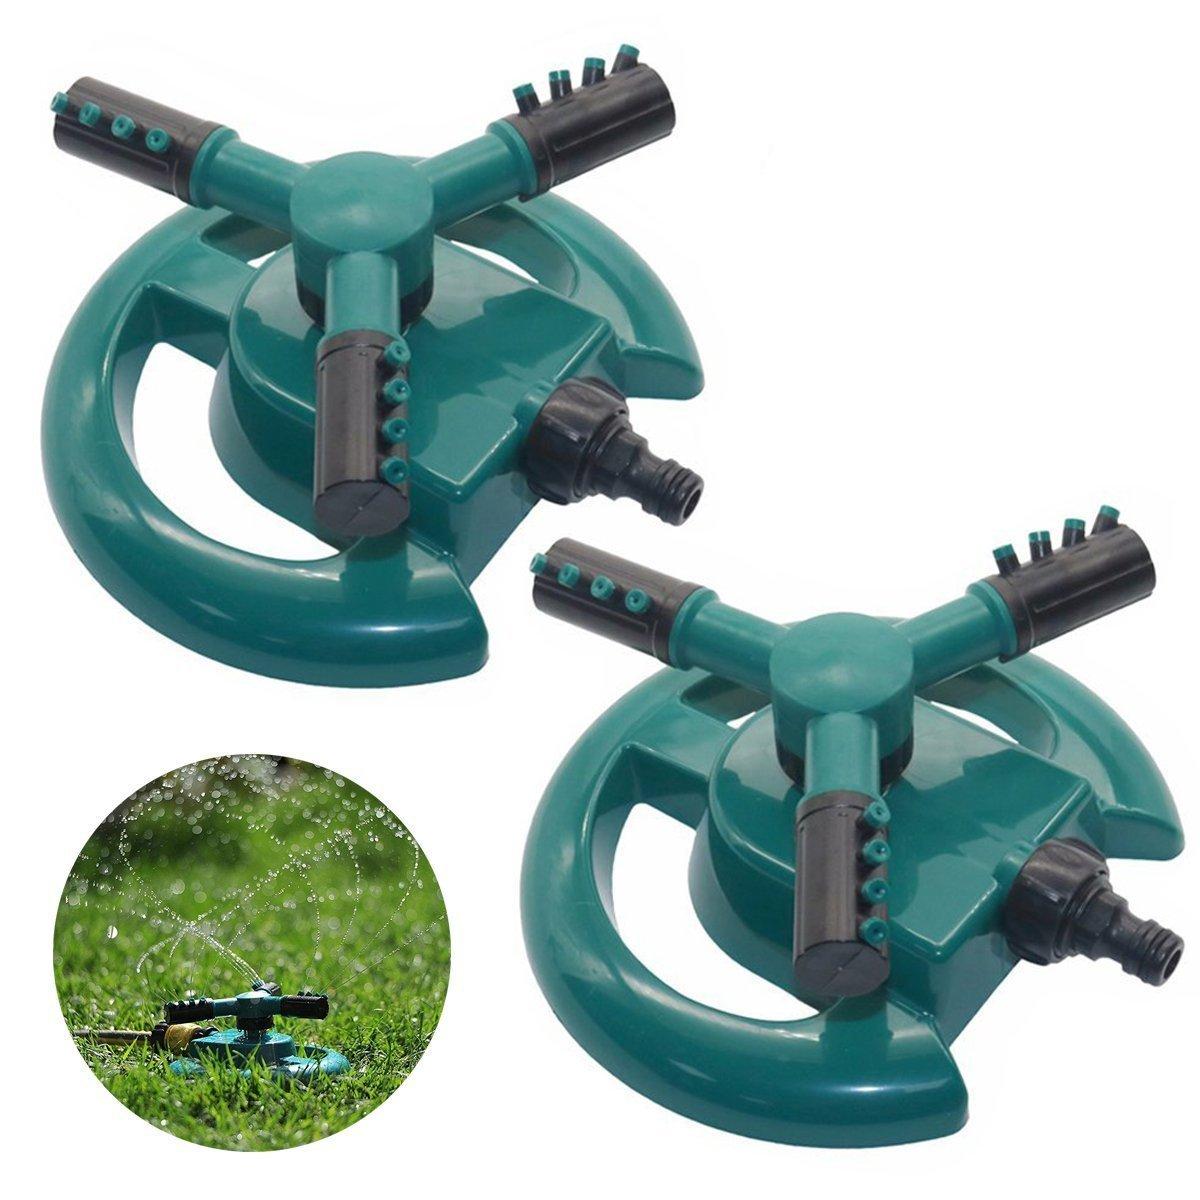 PERTTY 2 Pcs Lawn Sprinklers Water Sprinklers Plastic Automatic 360 Rotating Garden Sprinklers with Three Arm Water Sprinklers